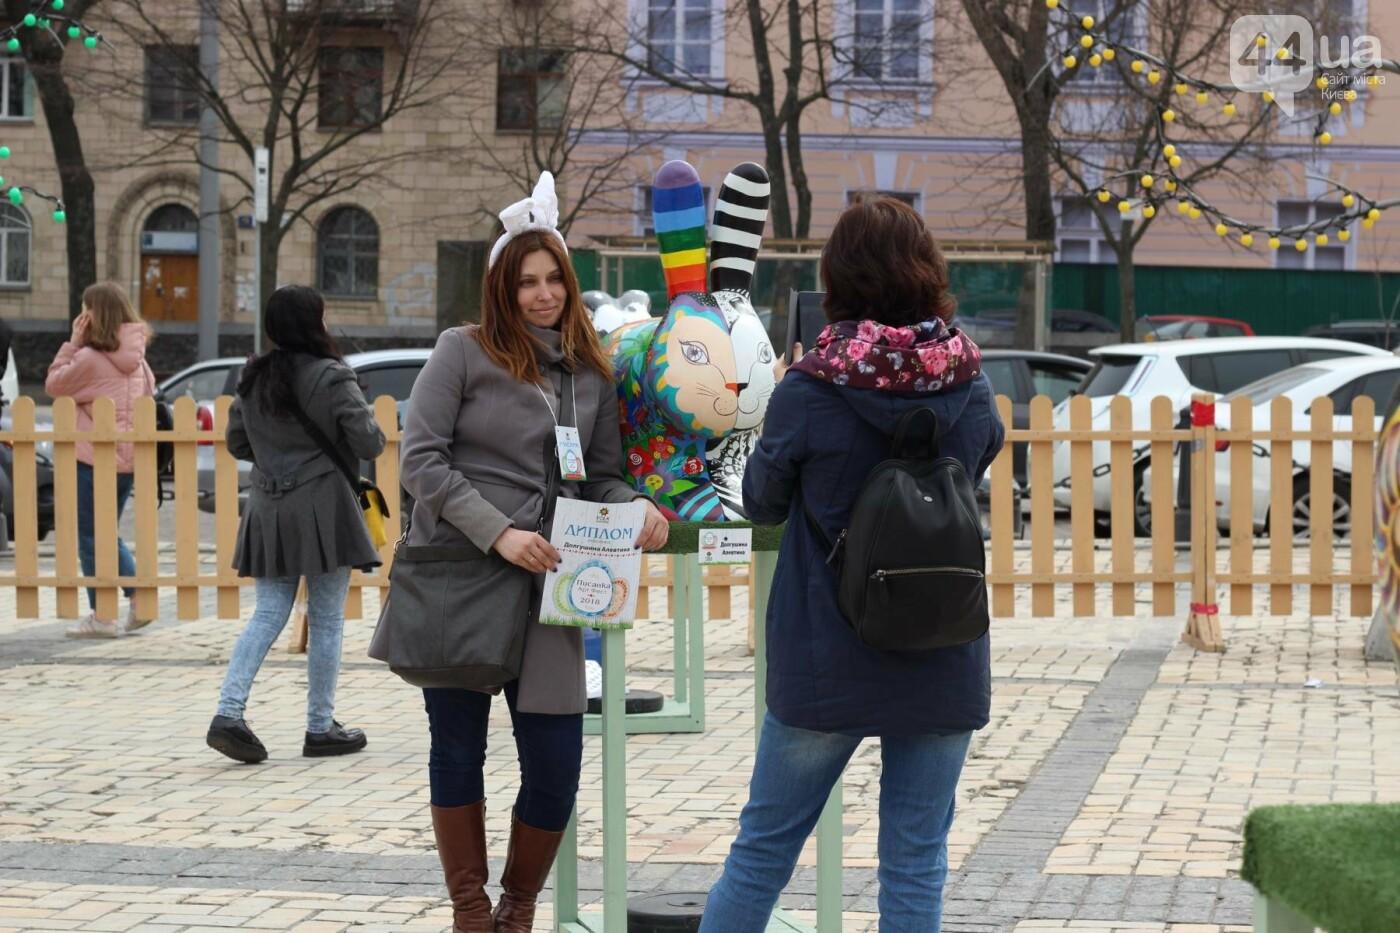 Писанки и кролики: как на Софийской площади проходит Пасхальный фестиваль, фото-42